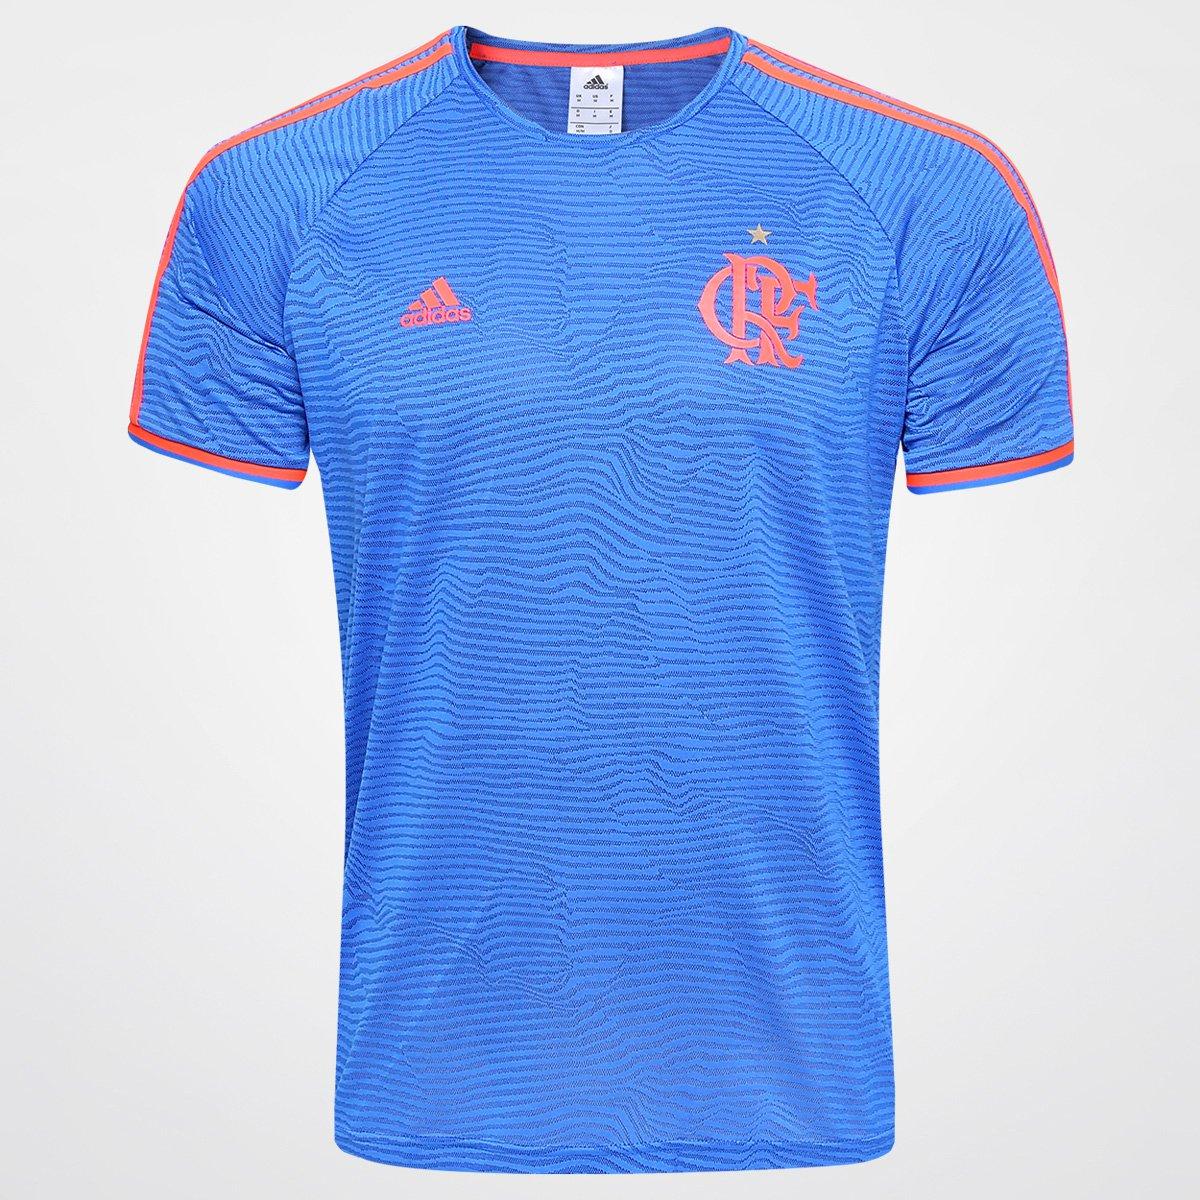 a58015ded58f4 Camisa de Treino Flamengo 2016 Adidas Masculina - Compre Agora ...